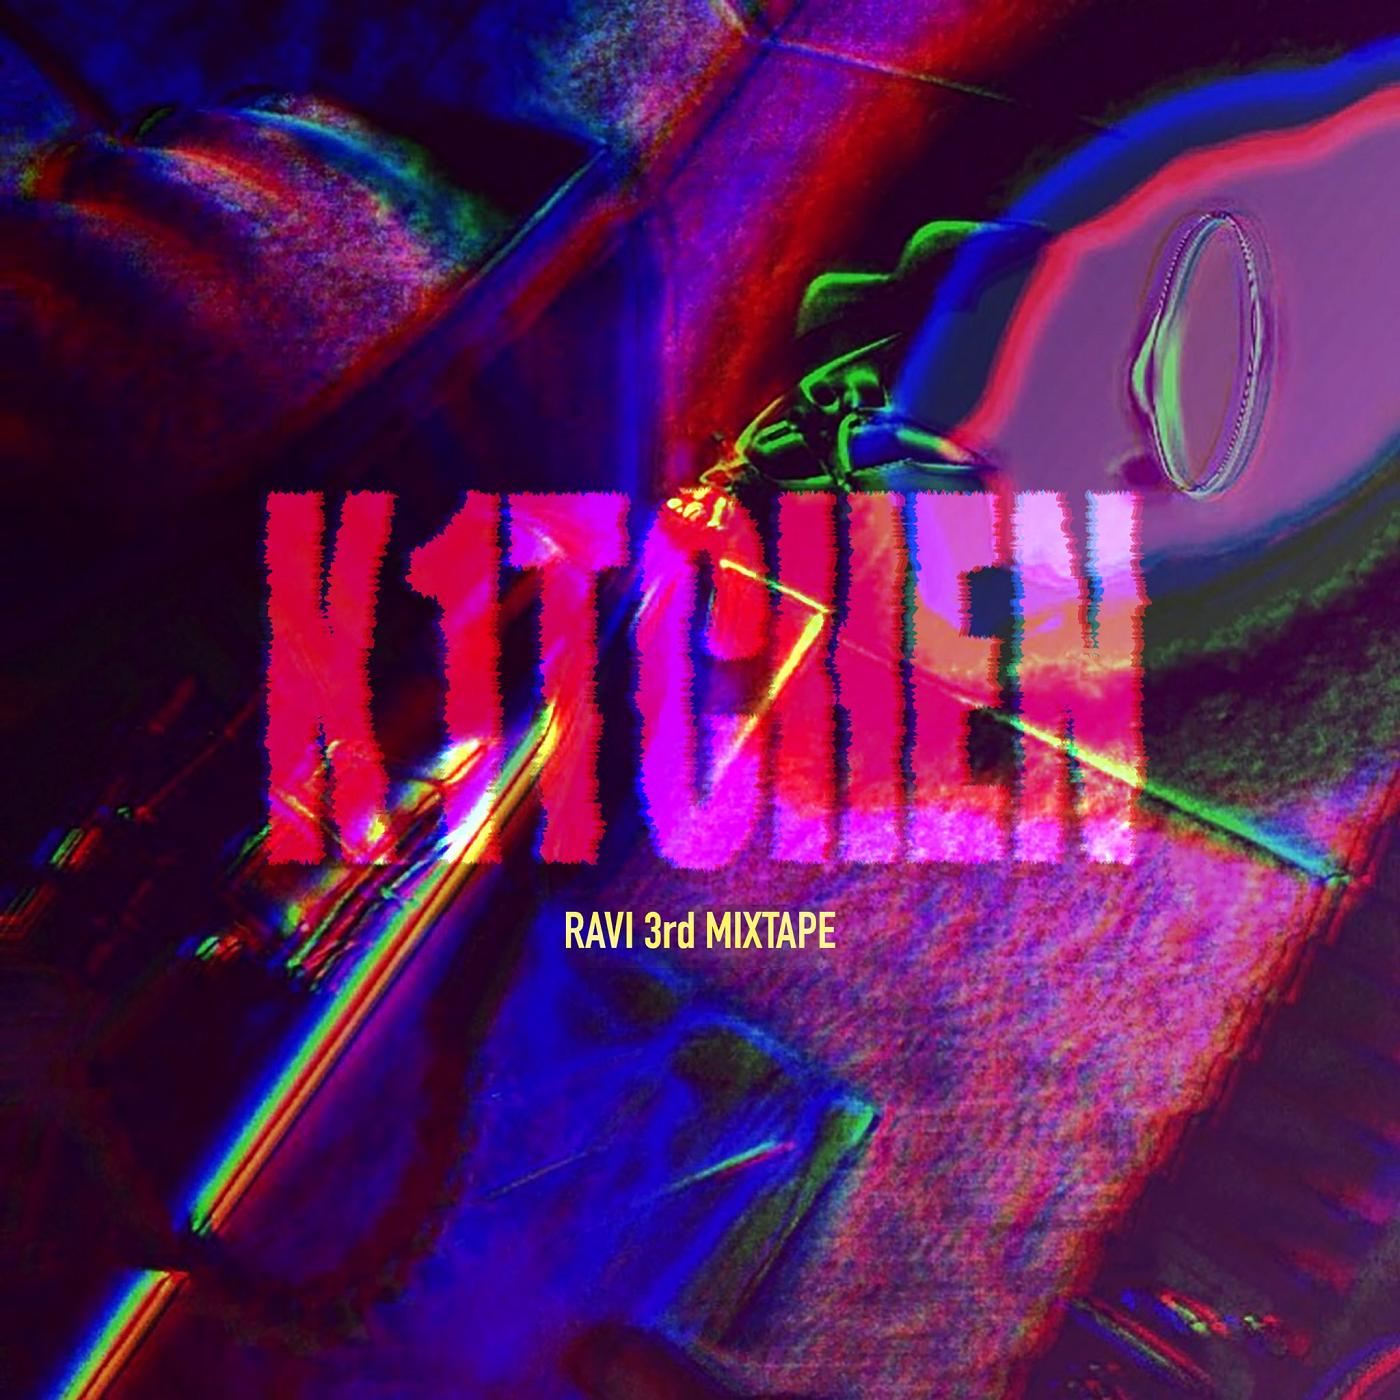 K1tchen